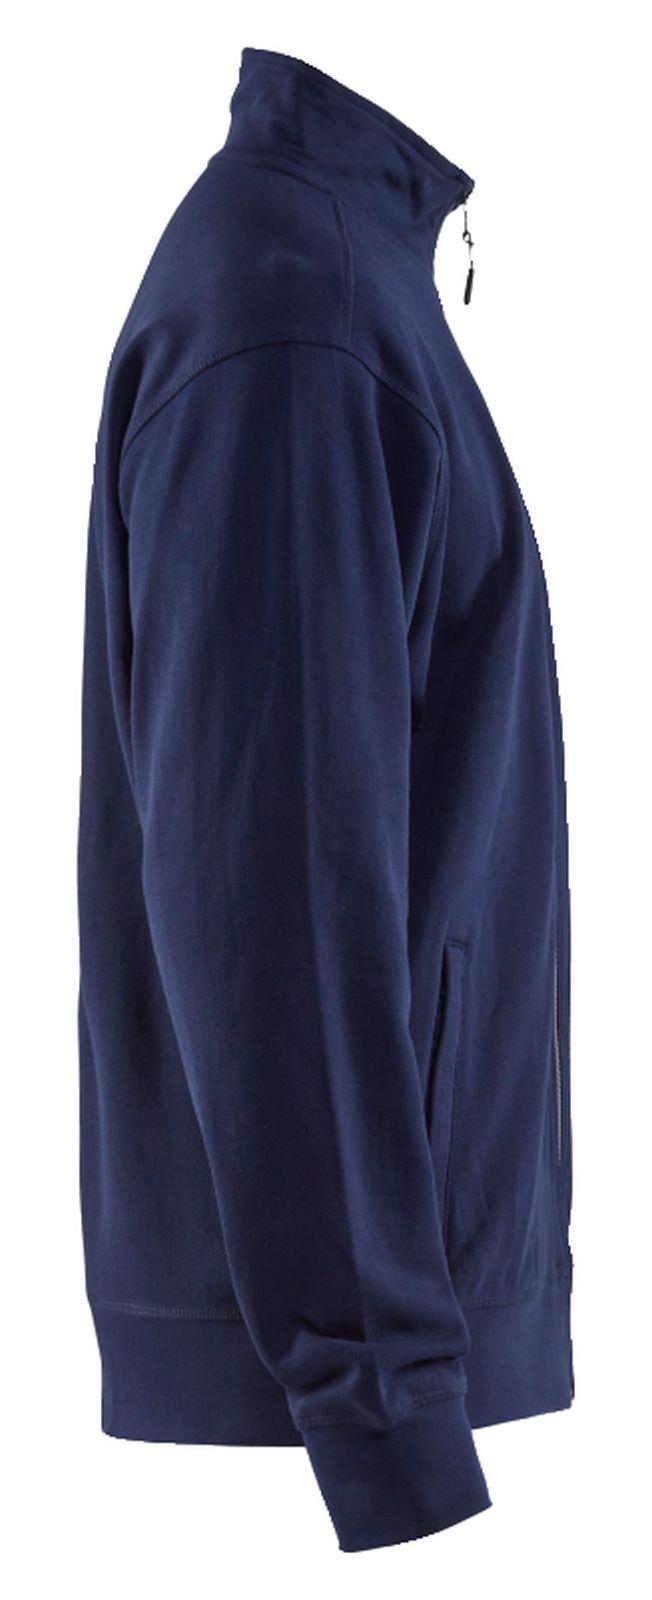 Blaklader Vesten 33711158 marineblauw(8900)